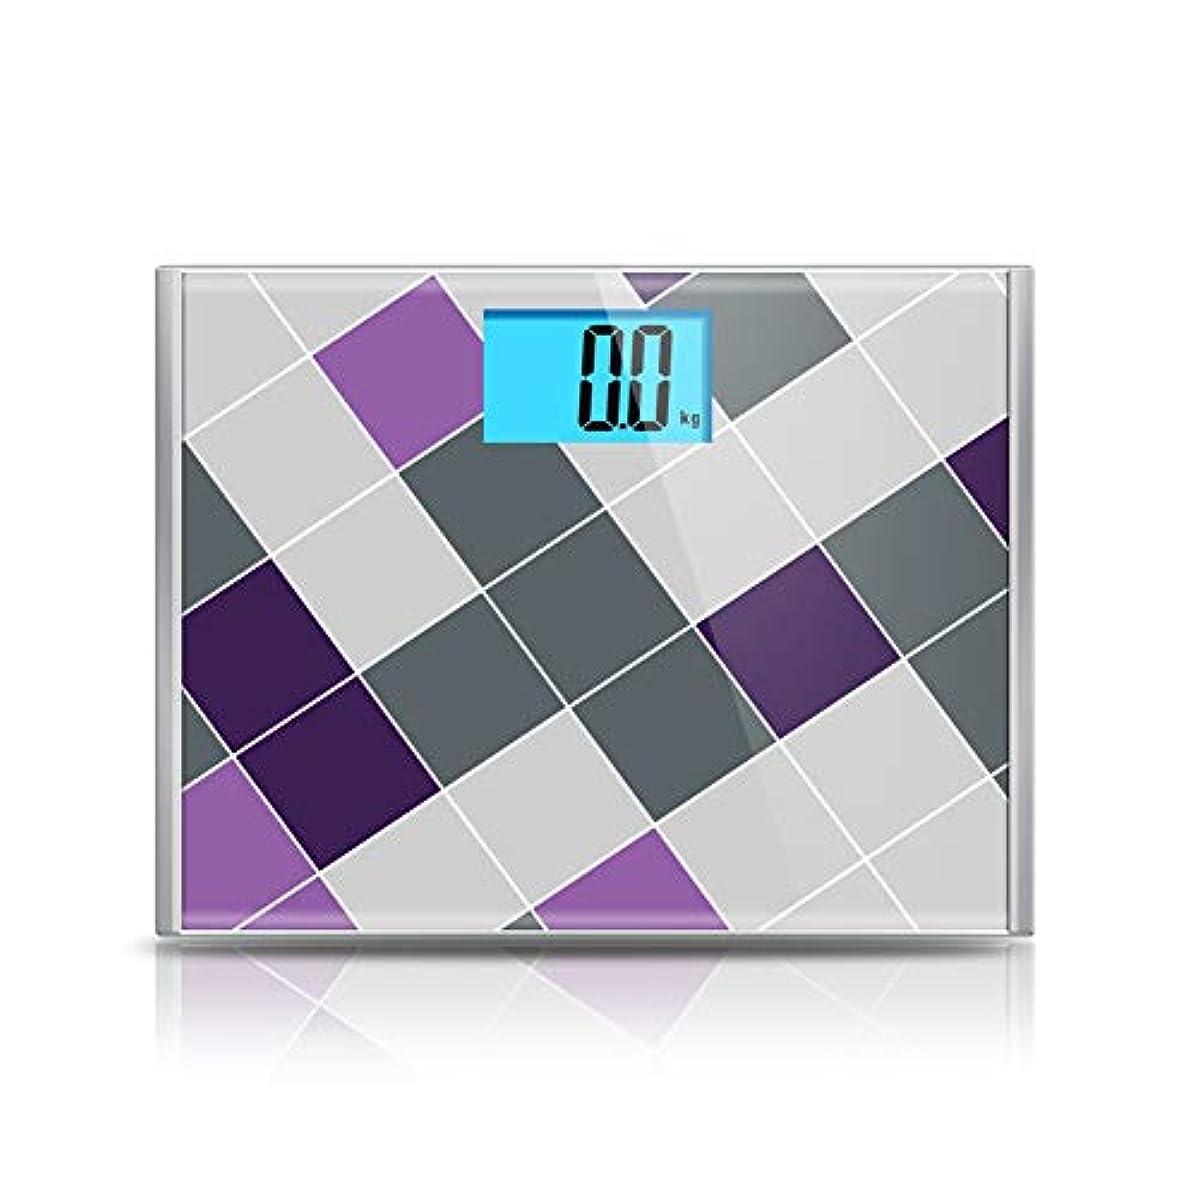 つづり怠惰稚魚床科学的なスマート電子体脂肪スケール大規模正確な計量LEDデジタル重量 - 15.4 x 11.8 x 1インチ